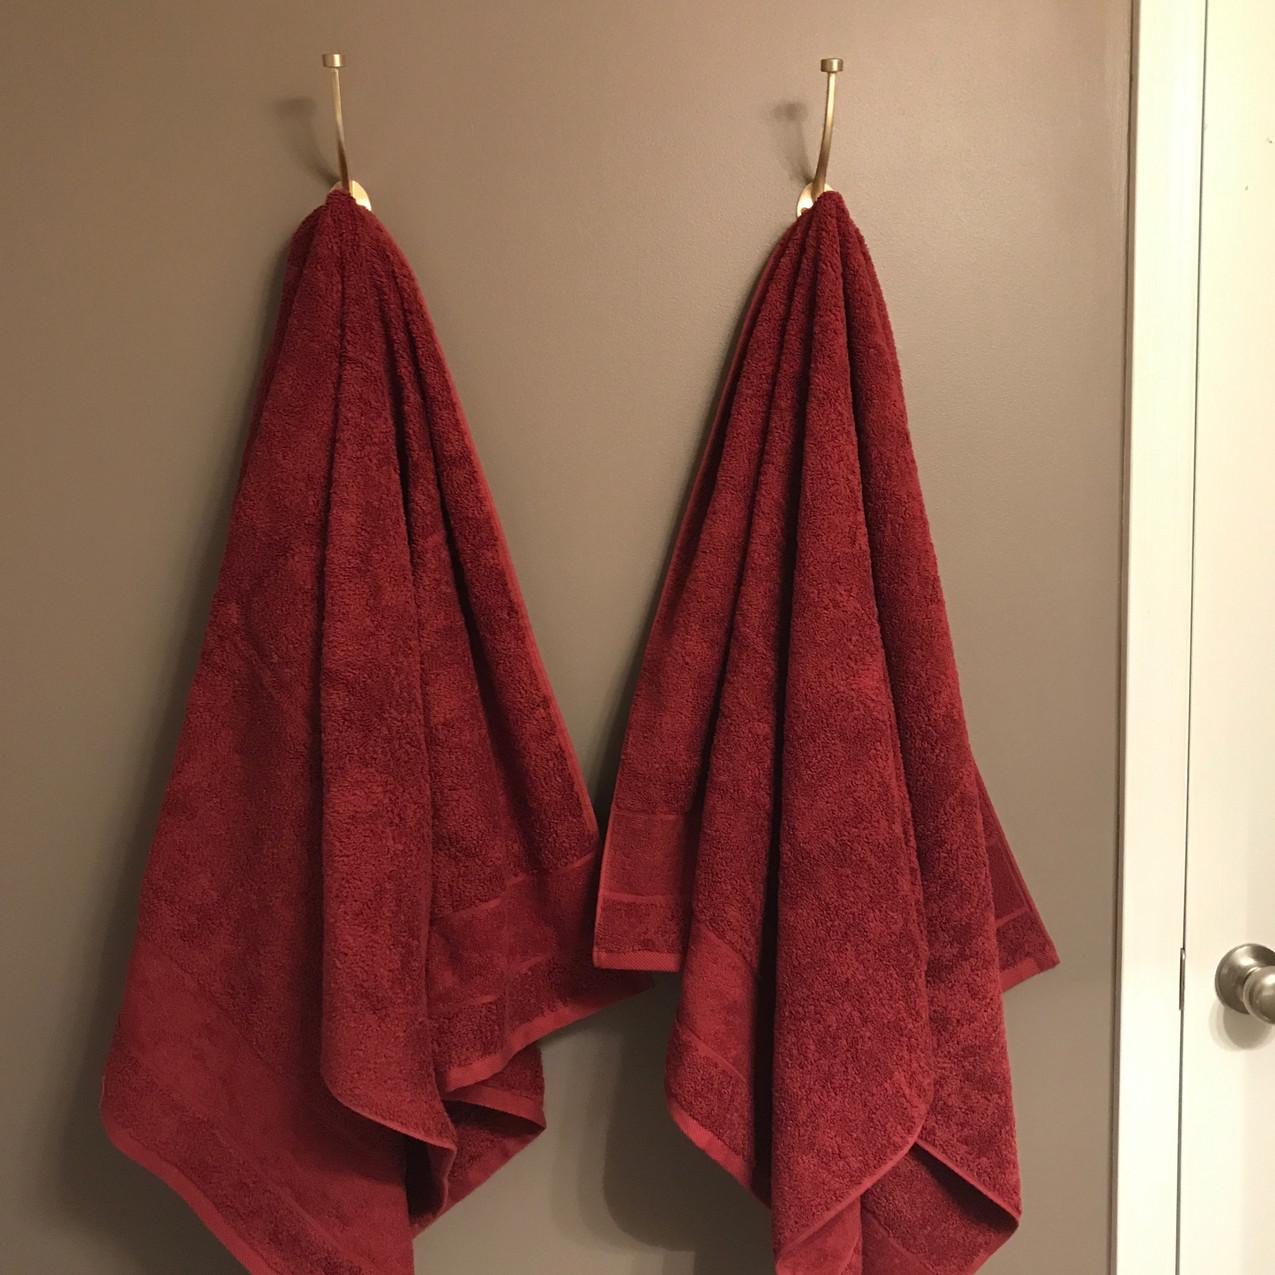 Towels on Brass Hooks